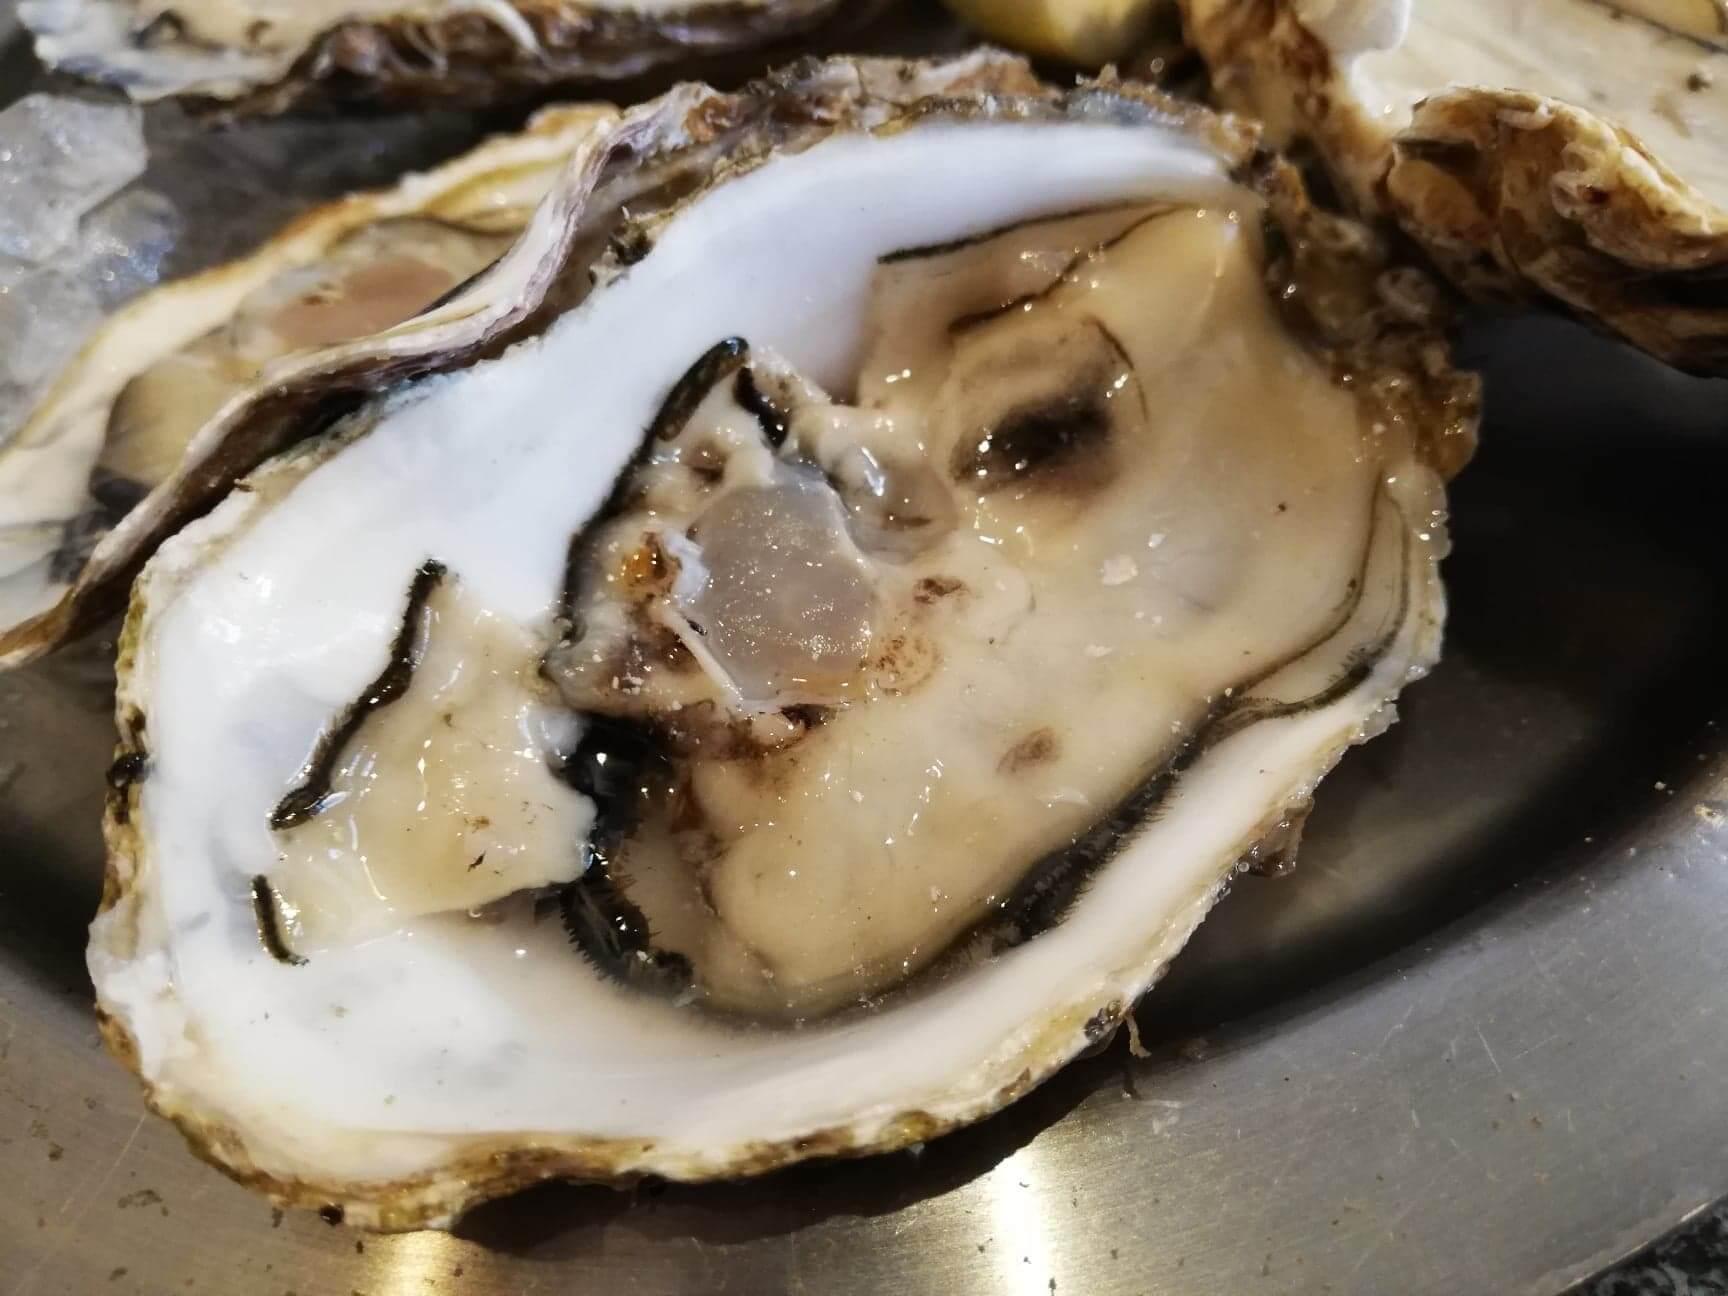 広島県宮島『牡蠣屋』の生牡蠣のアップ写真